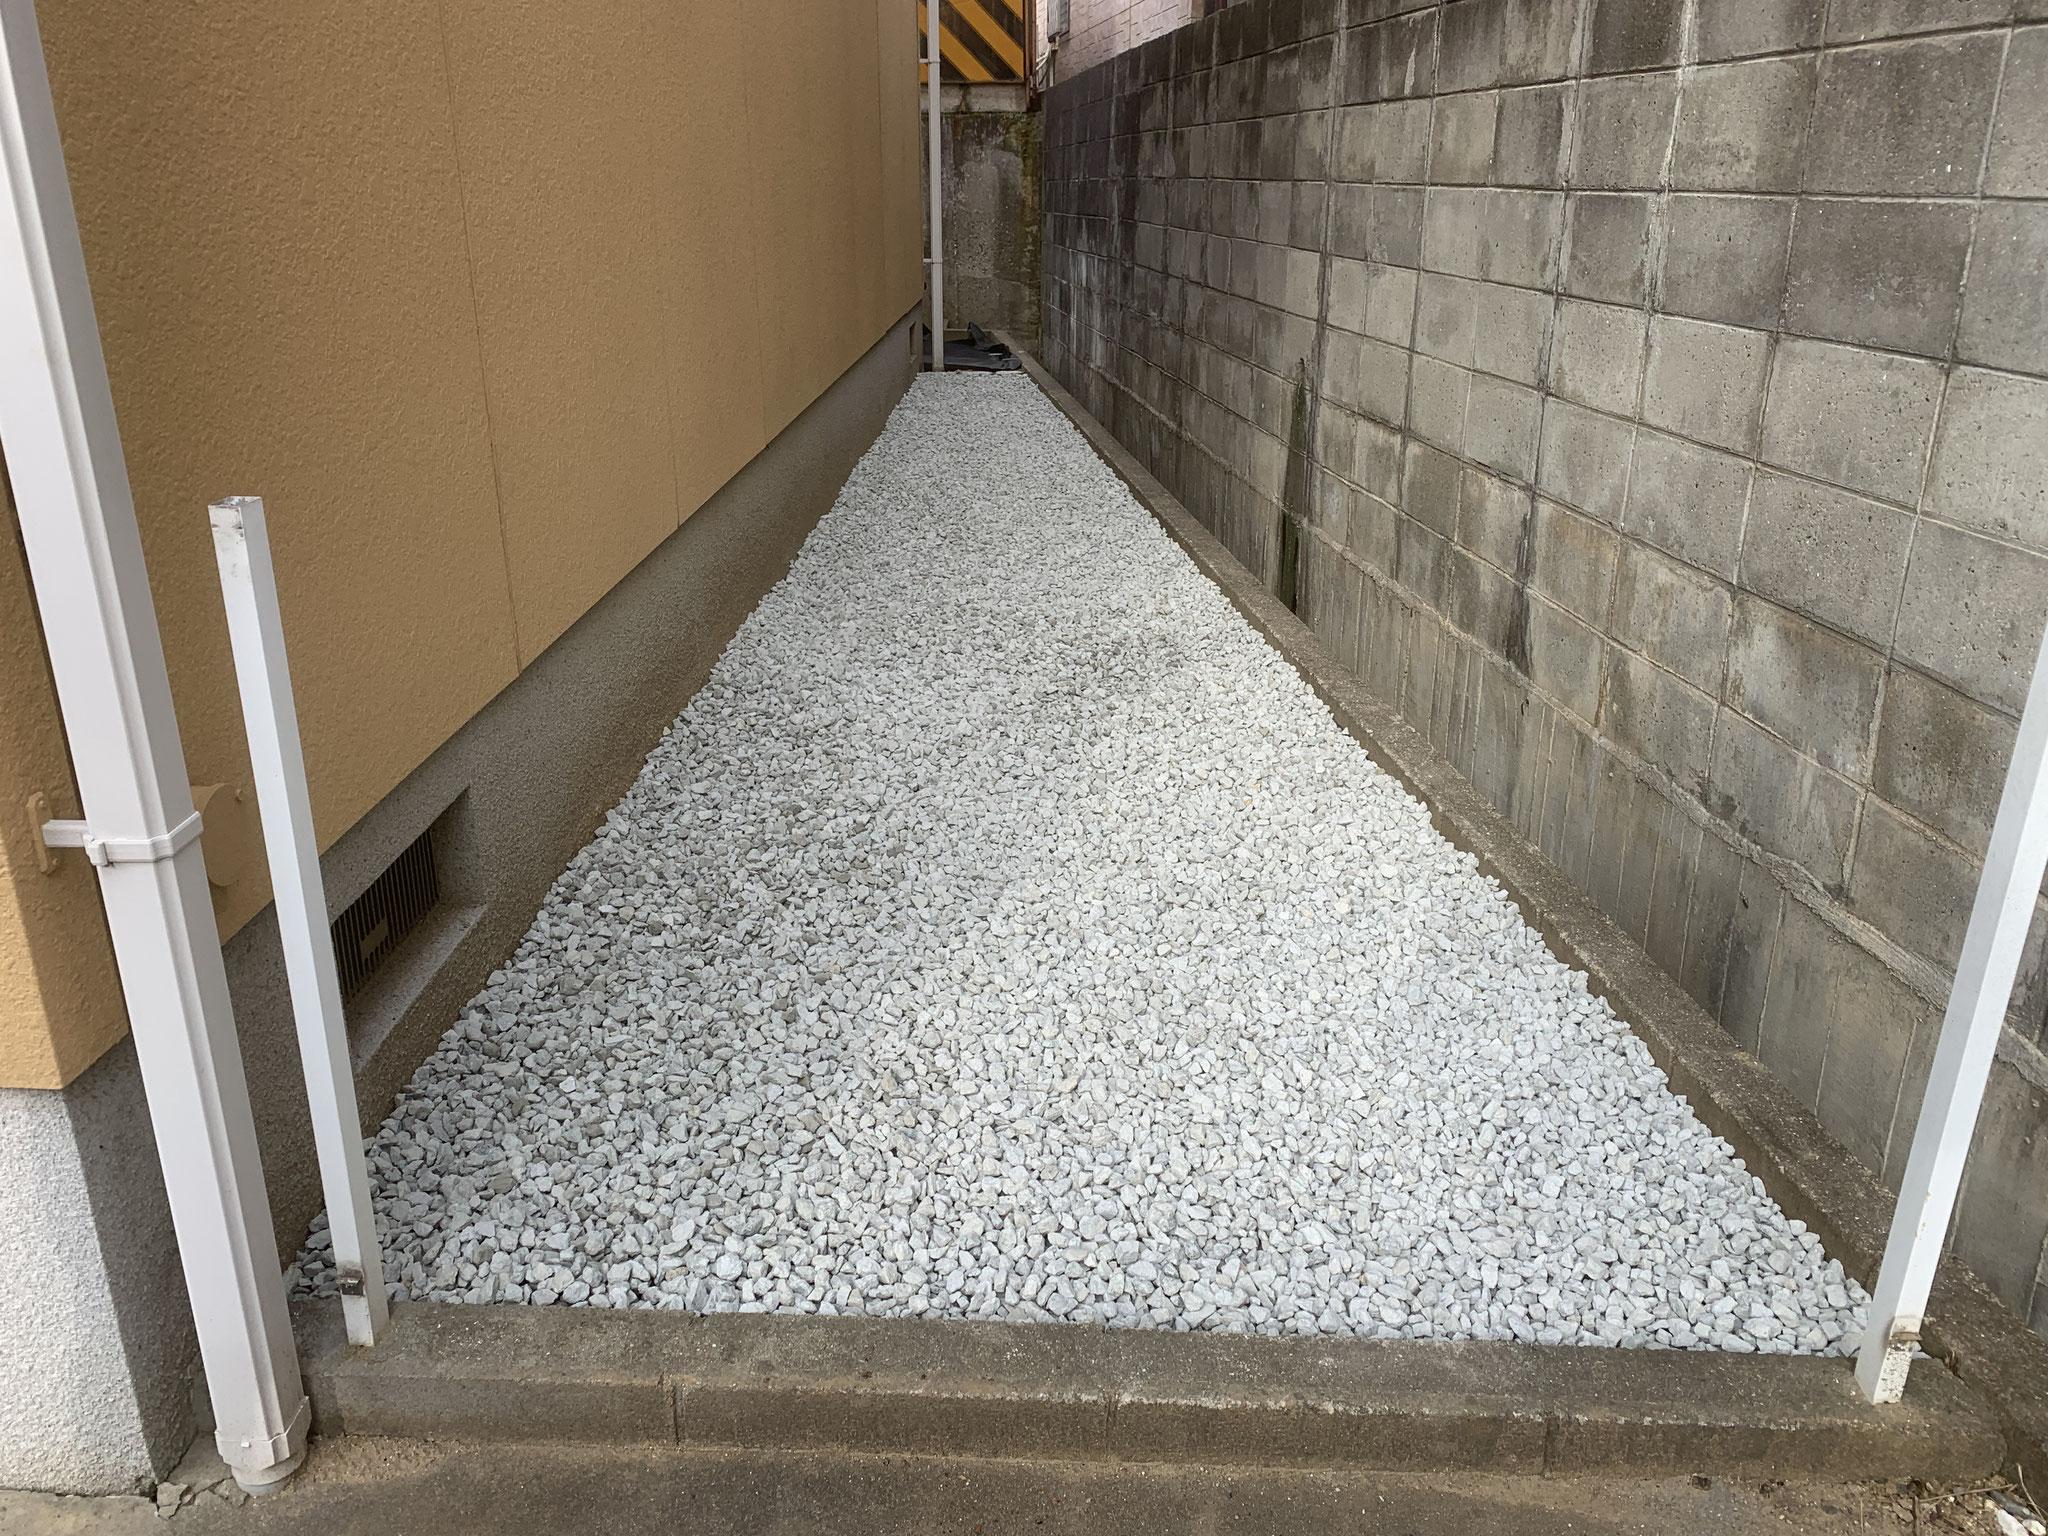 砂利敷き(単粒砕石5号 10-20使用 敷厚5㎝)